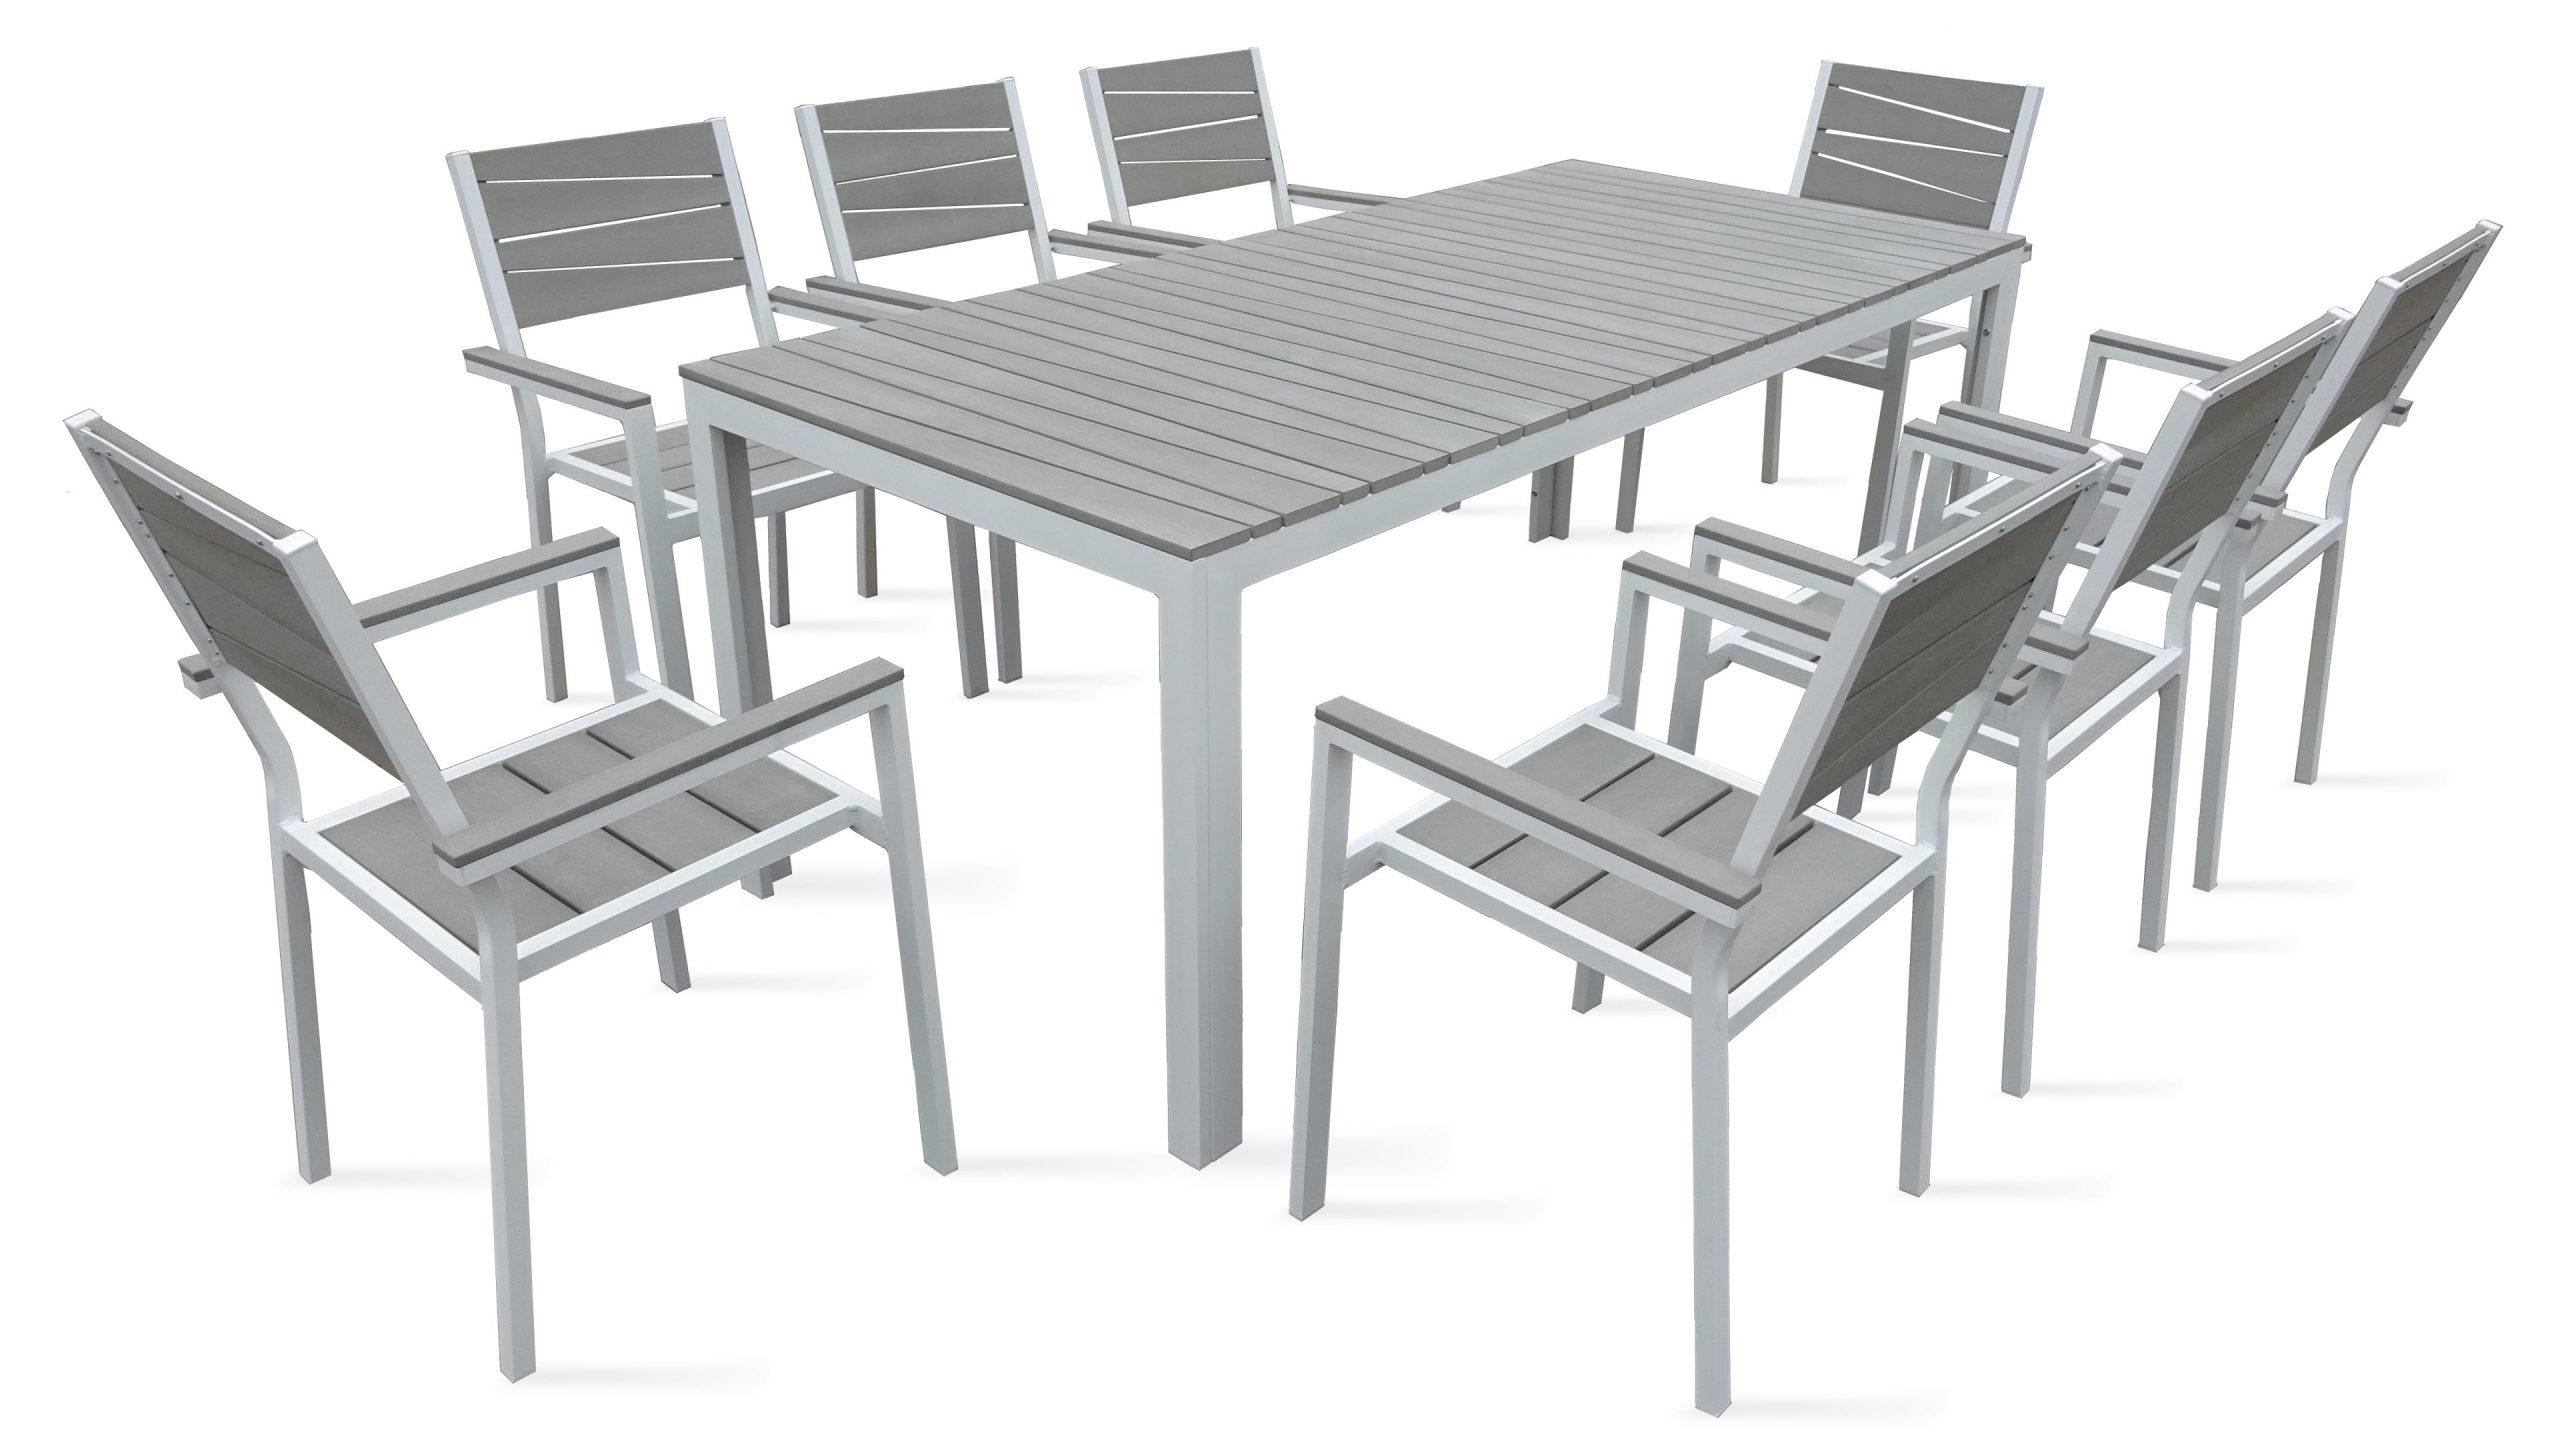 Table De Jardin 8 Places Aluminium Polywood pour Table De Jardin Aluminium Et Composite